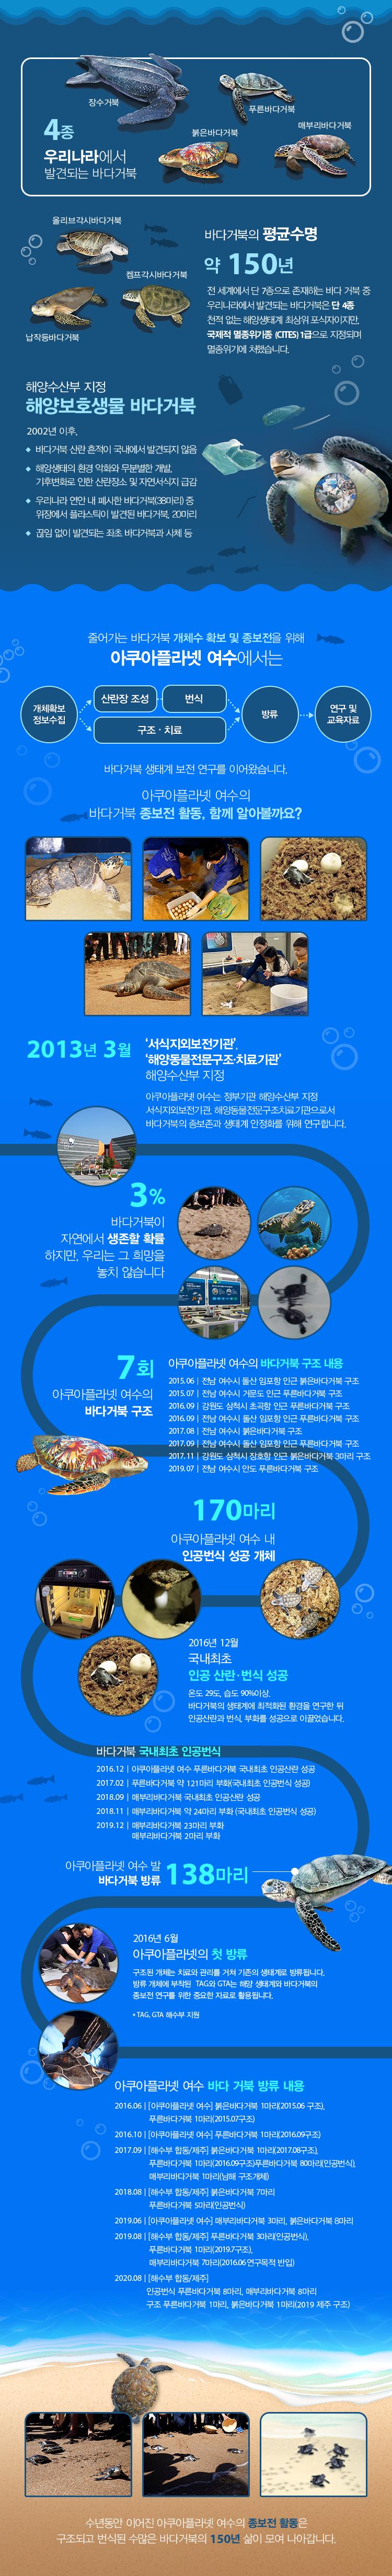 한눈에 알아보는 바다거북 종보전 인포그래픽